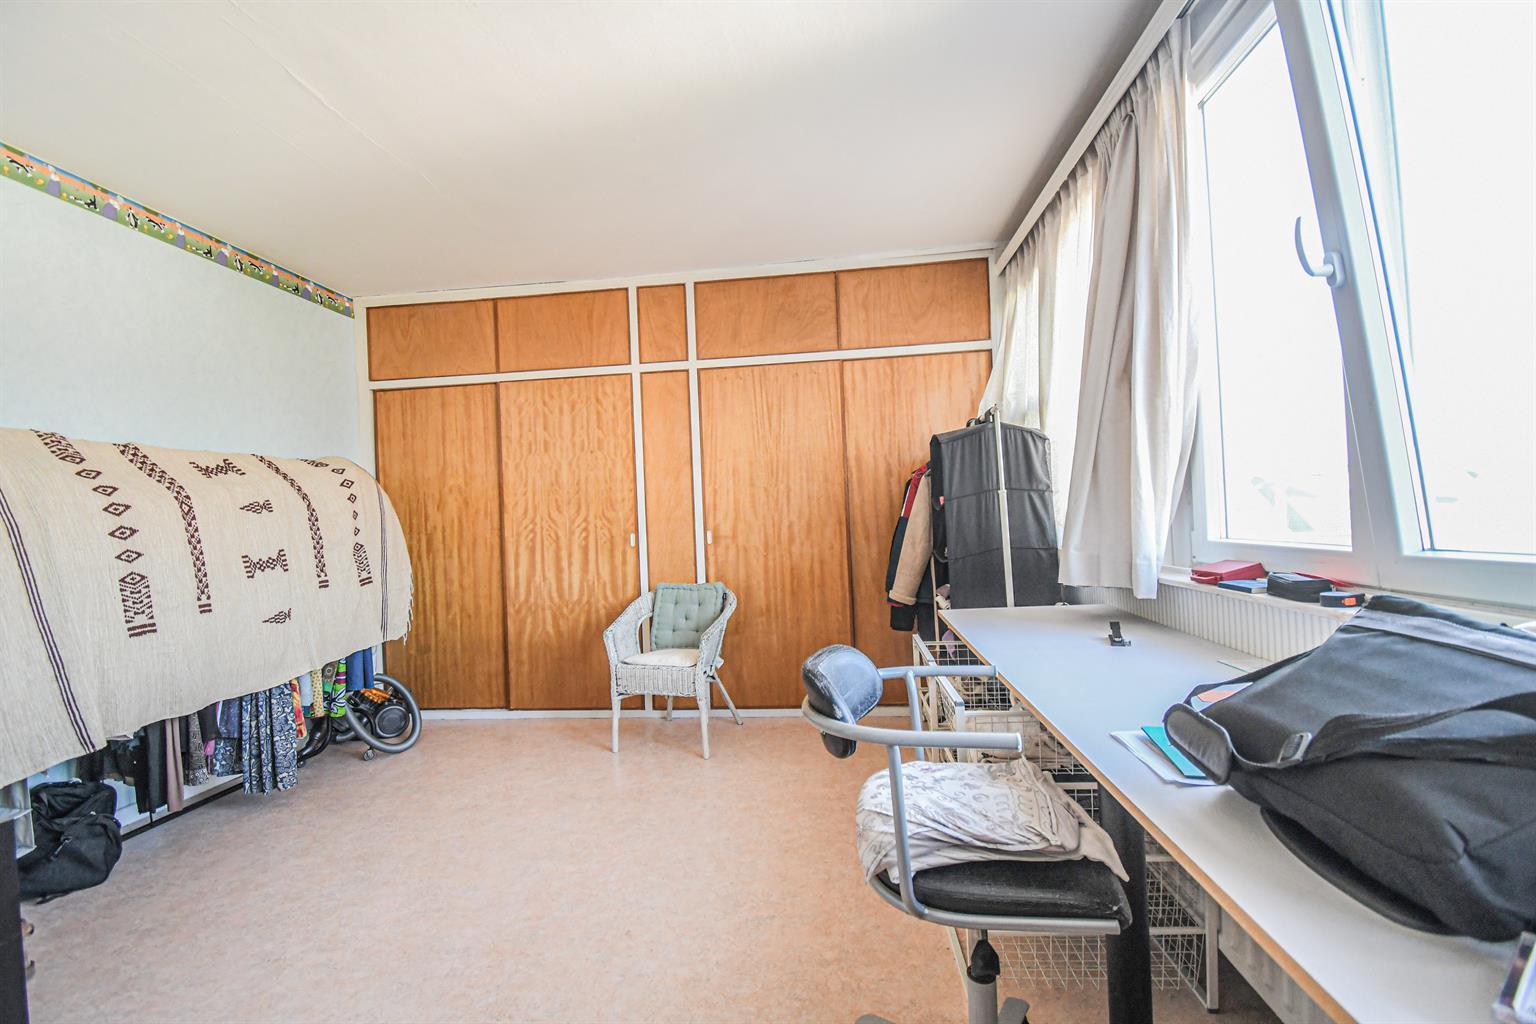 Bel-étage - Tubize - #4499957-13